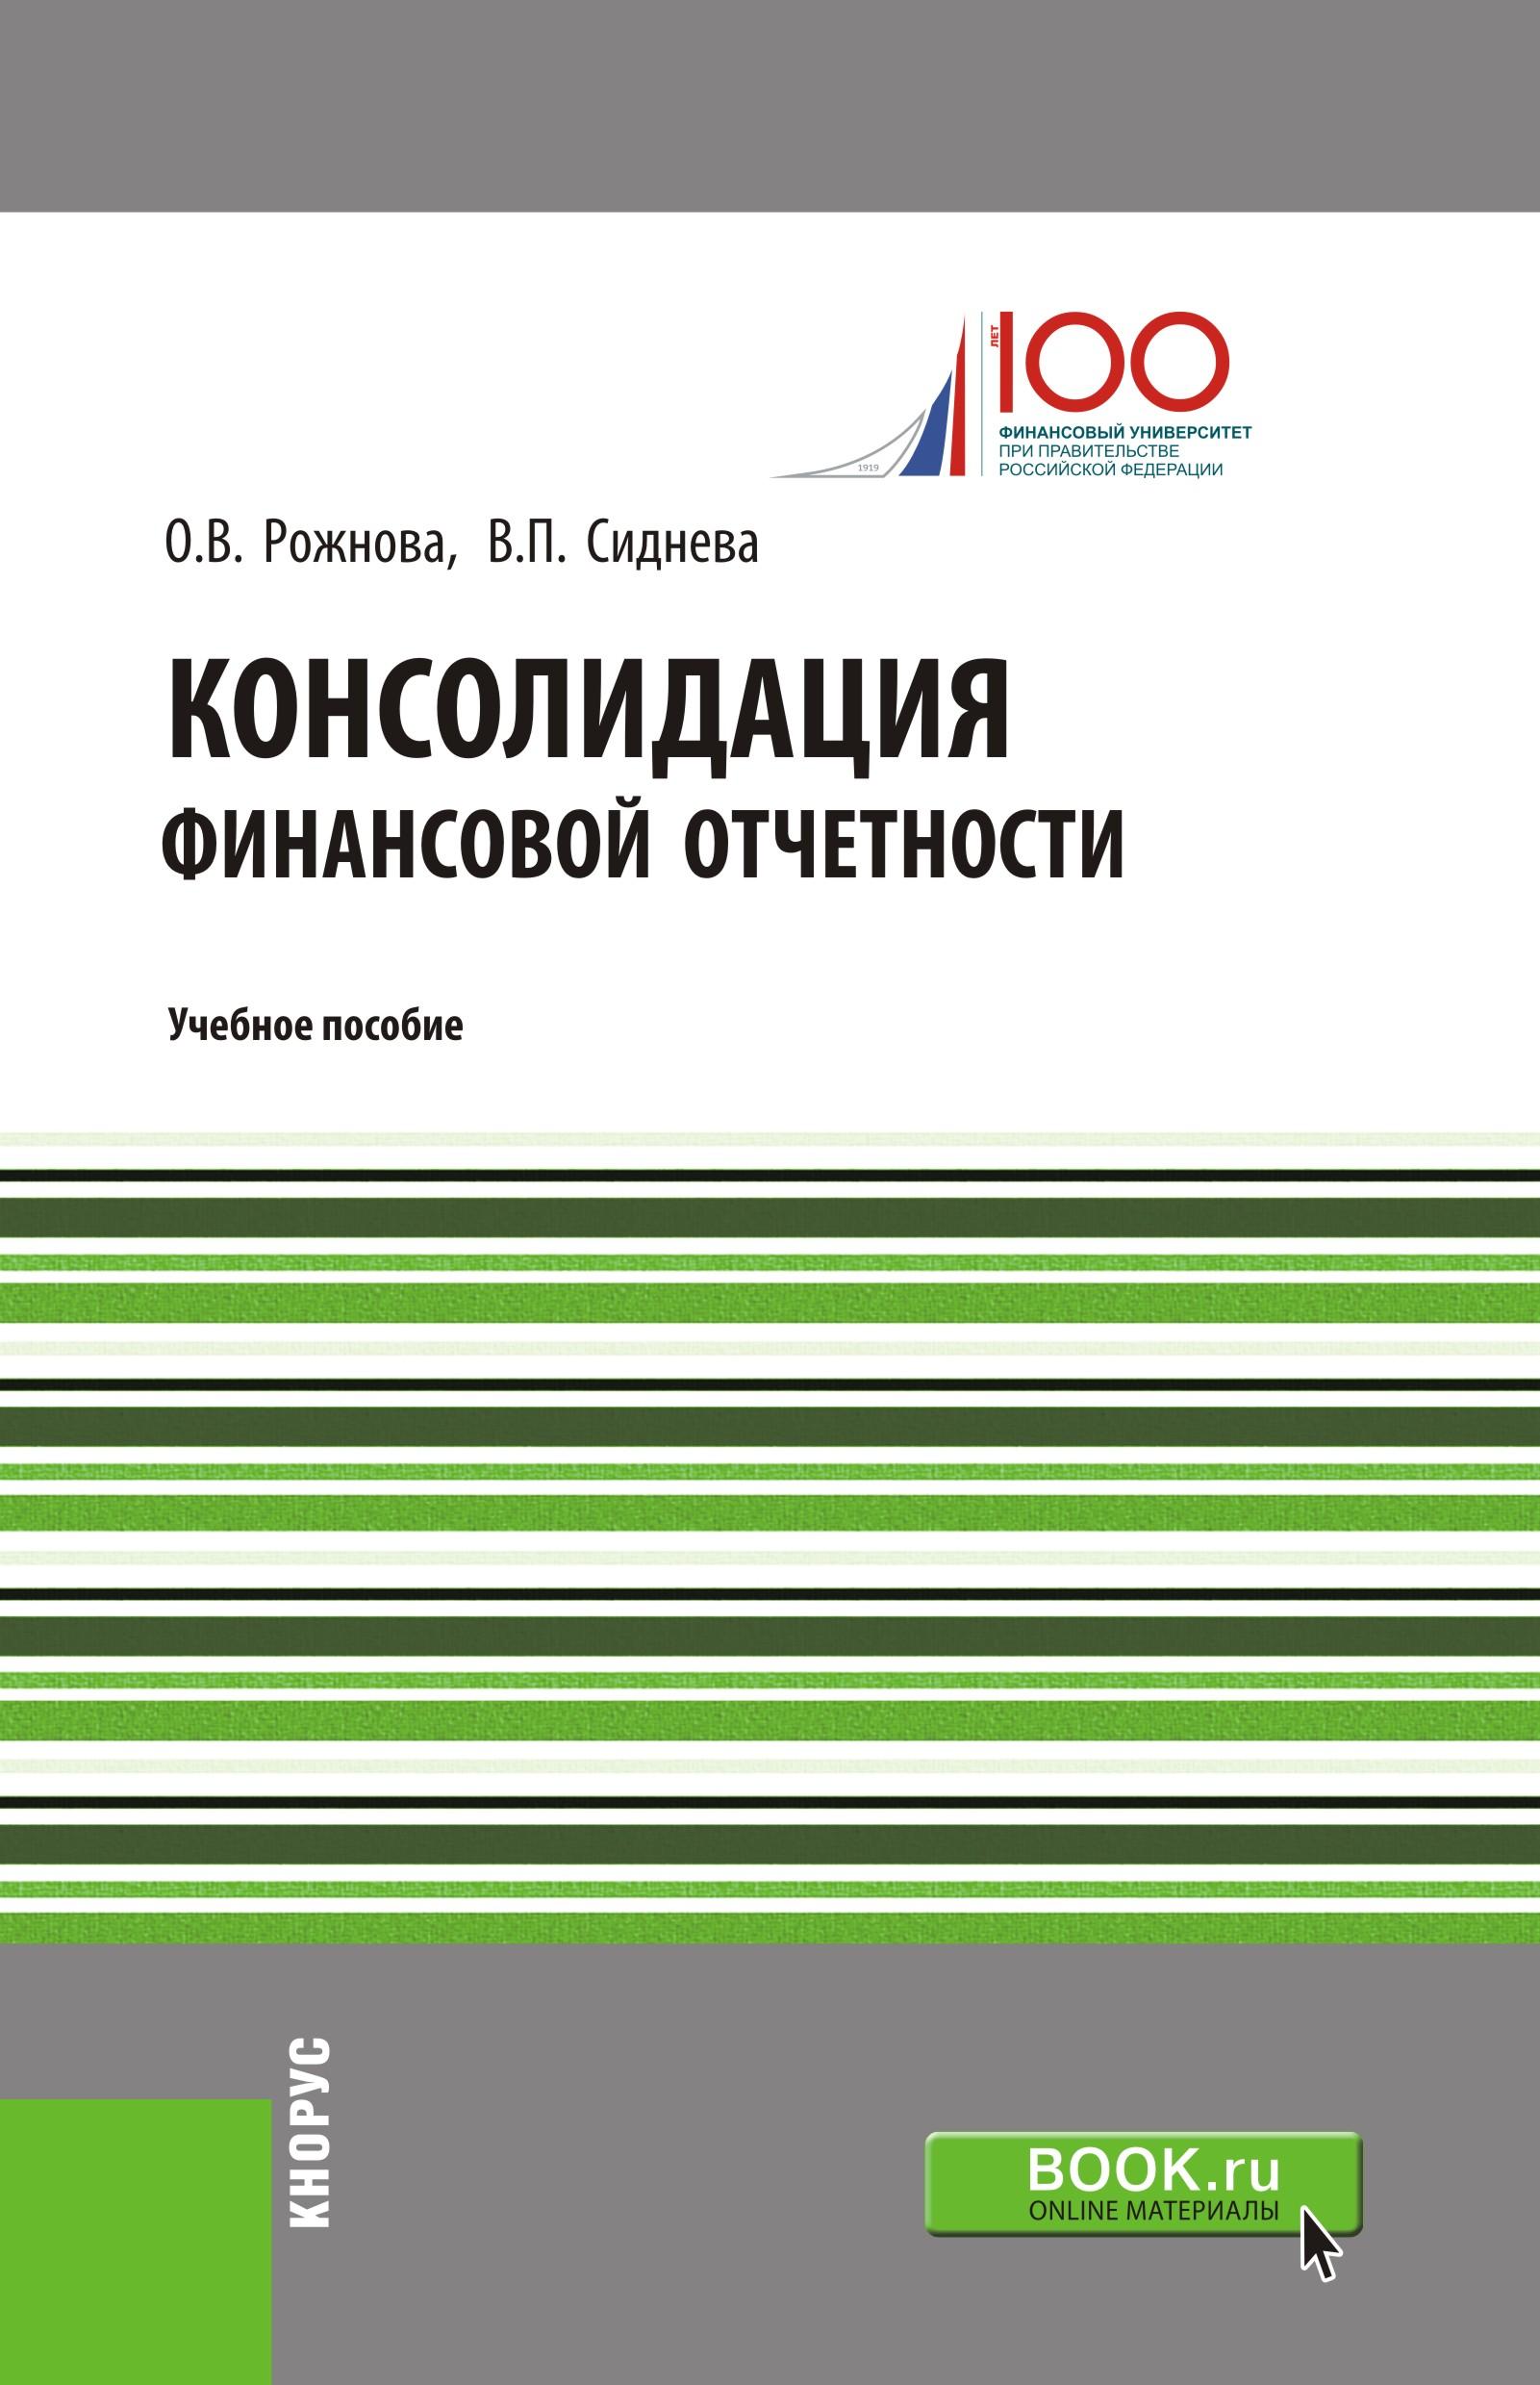 О. В. Рожнова Консолидация финансовой отчетности. Учебное пособие